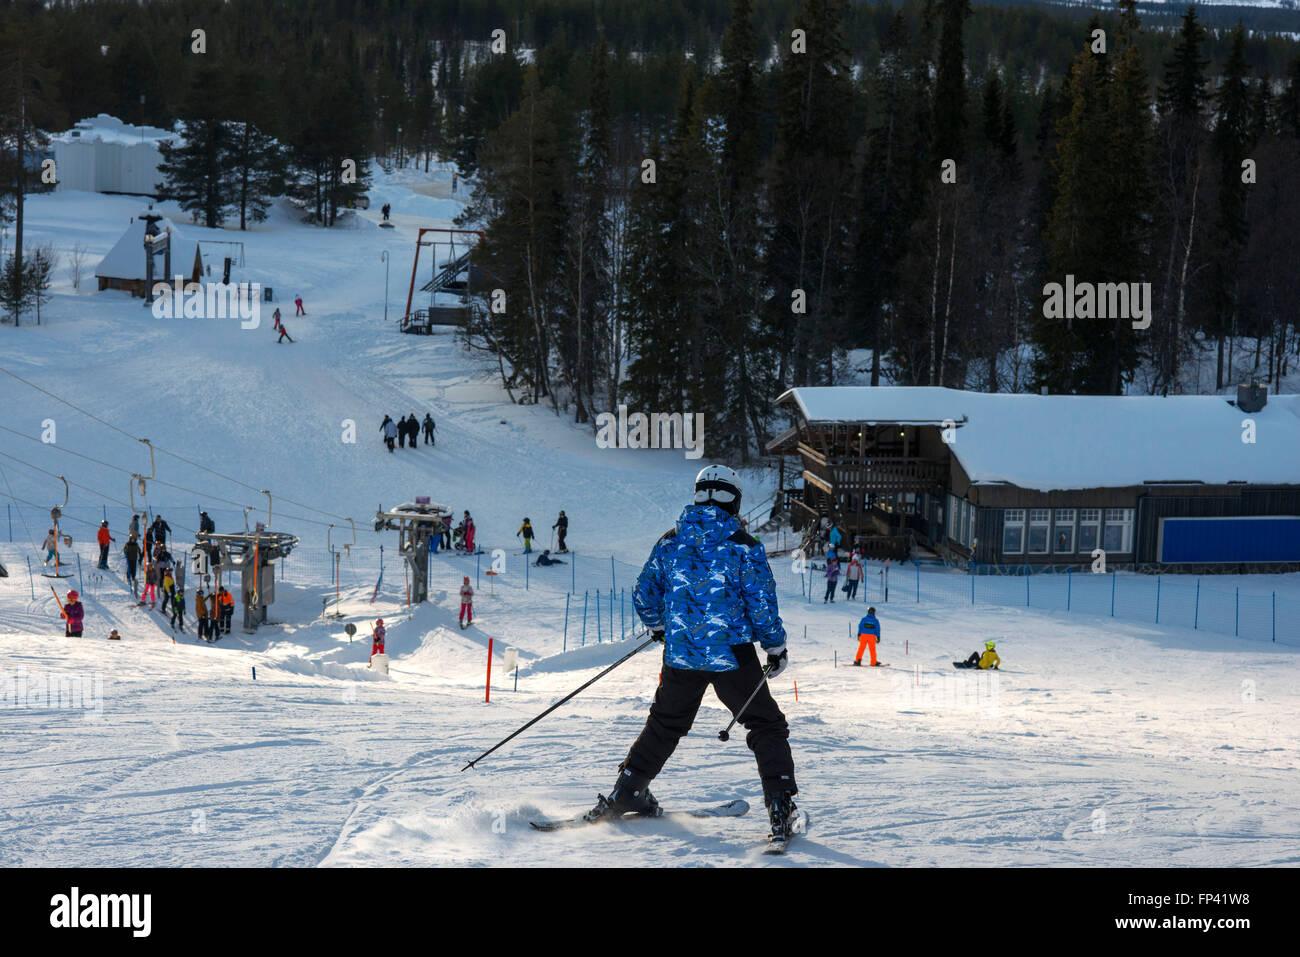 Salla ski resort. In profondità nel deserto di neve pesantemente laden alberi di conifere e il robusto cadde Immagini Stock